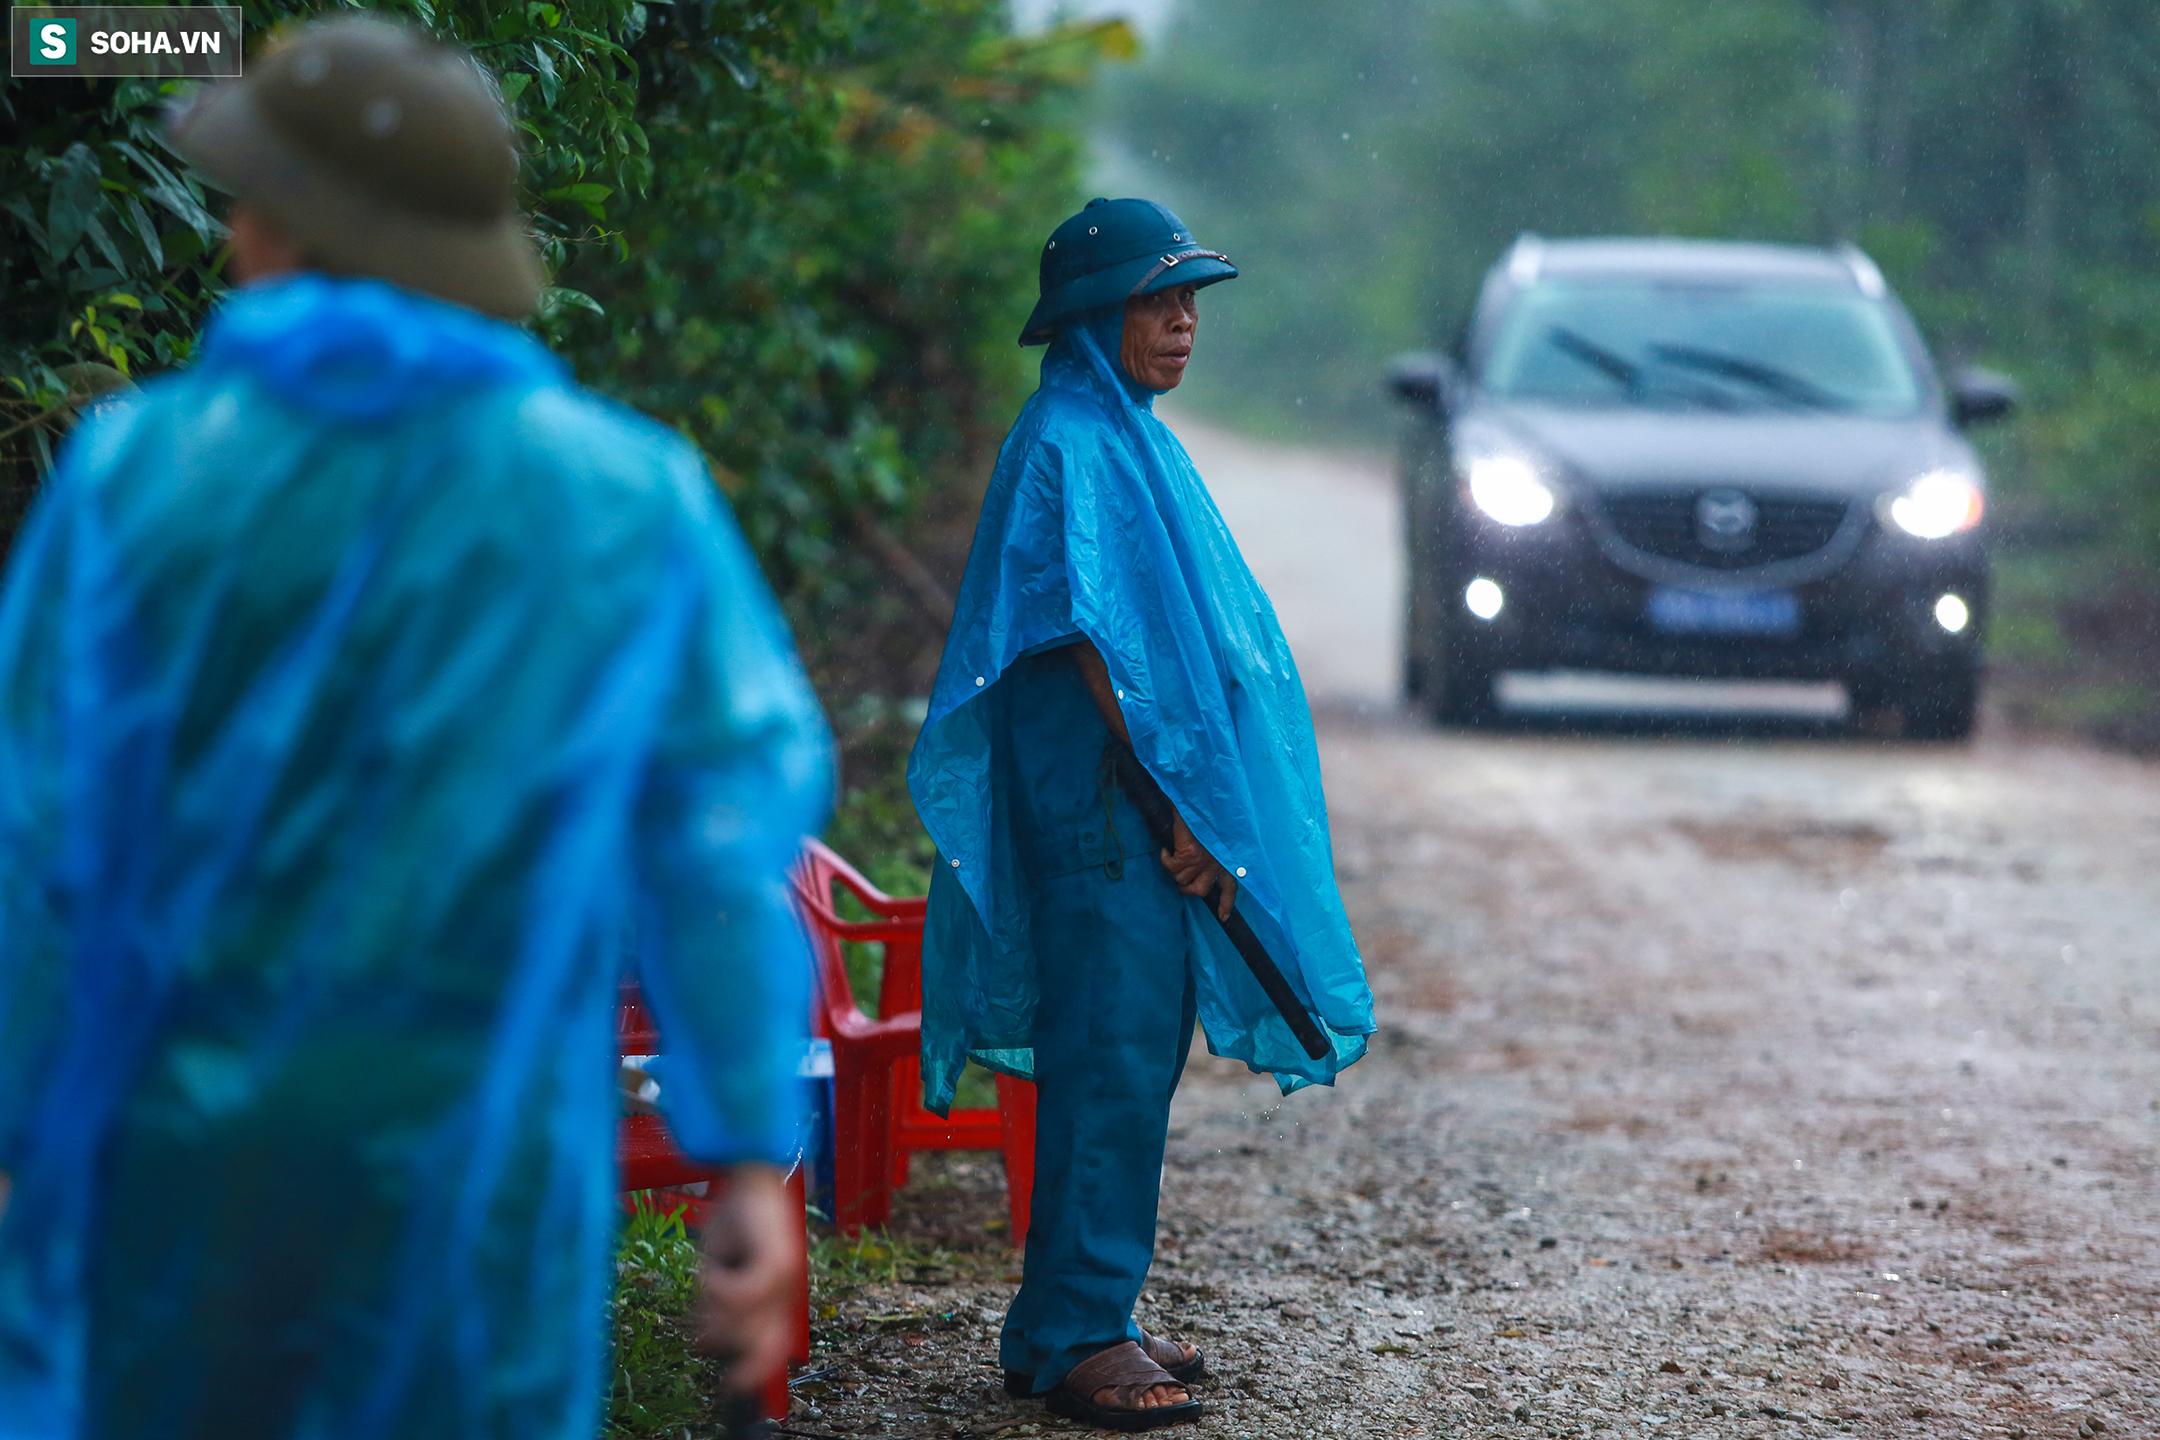 Diễn biến ngày thứ 4 ở Rào Trăng 3: Cuộc tìm kiếm dưới cơn mưa nặng hạt - Ảnh 9.